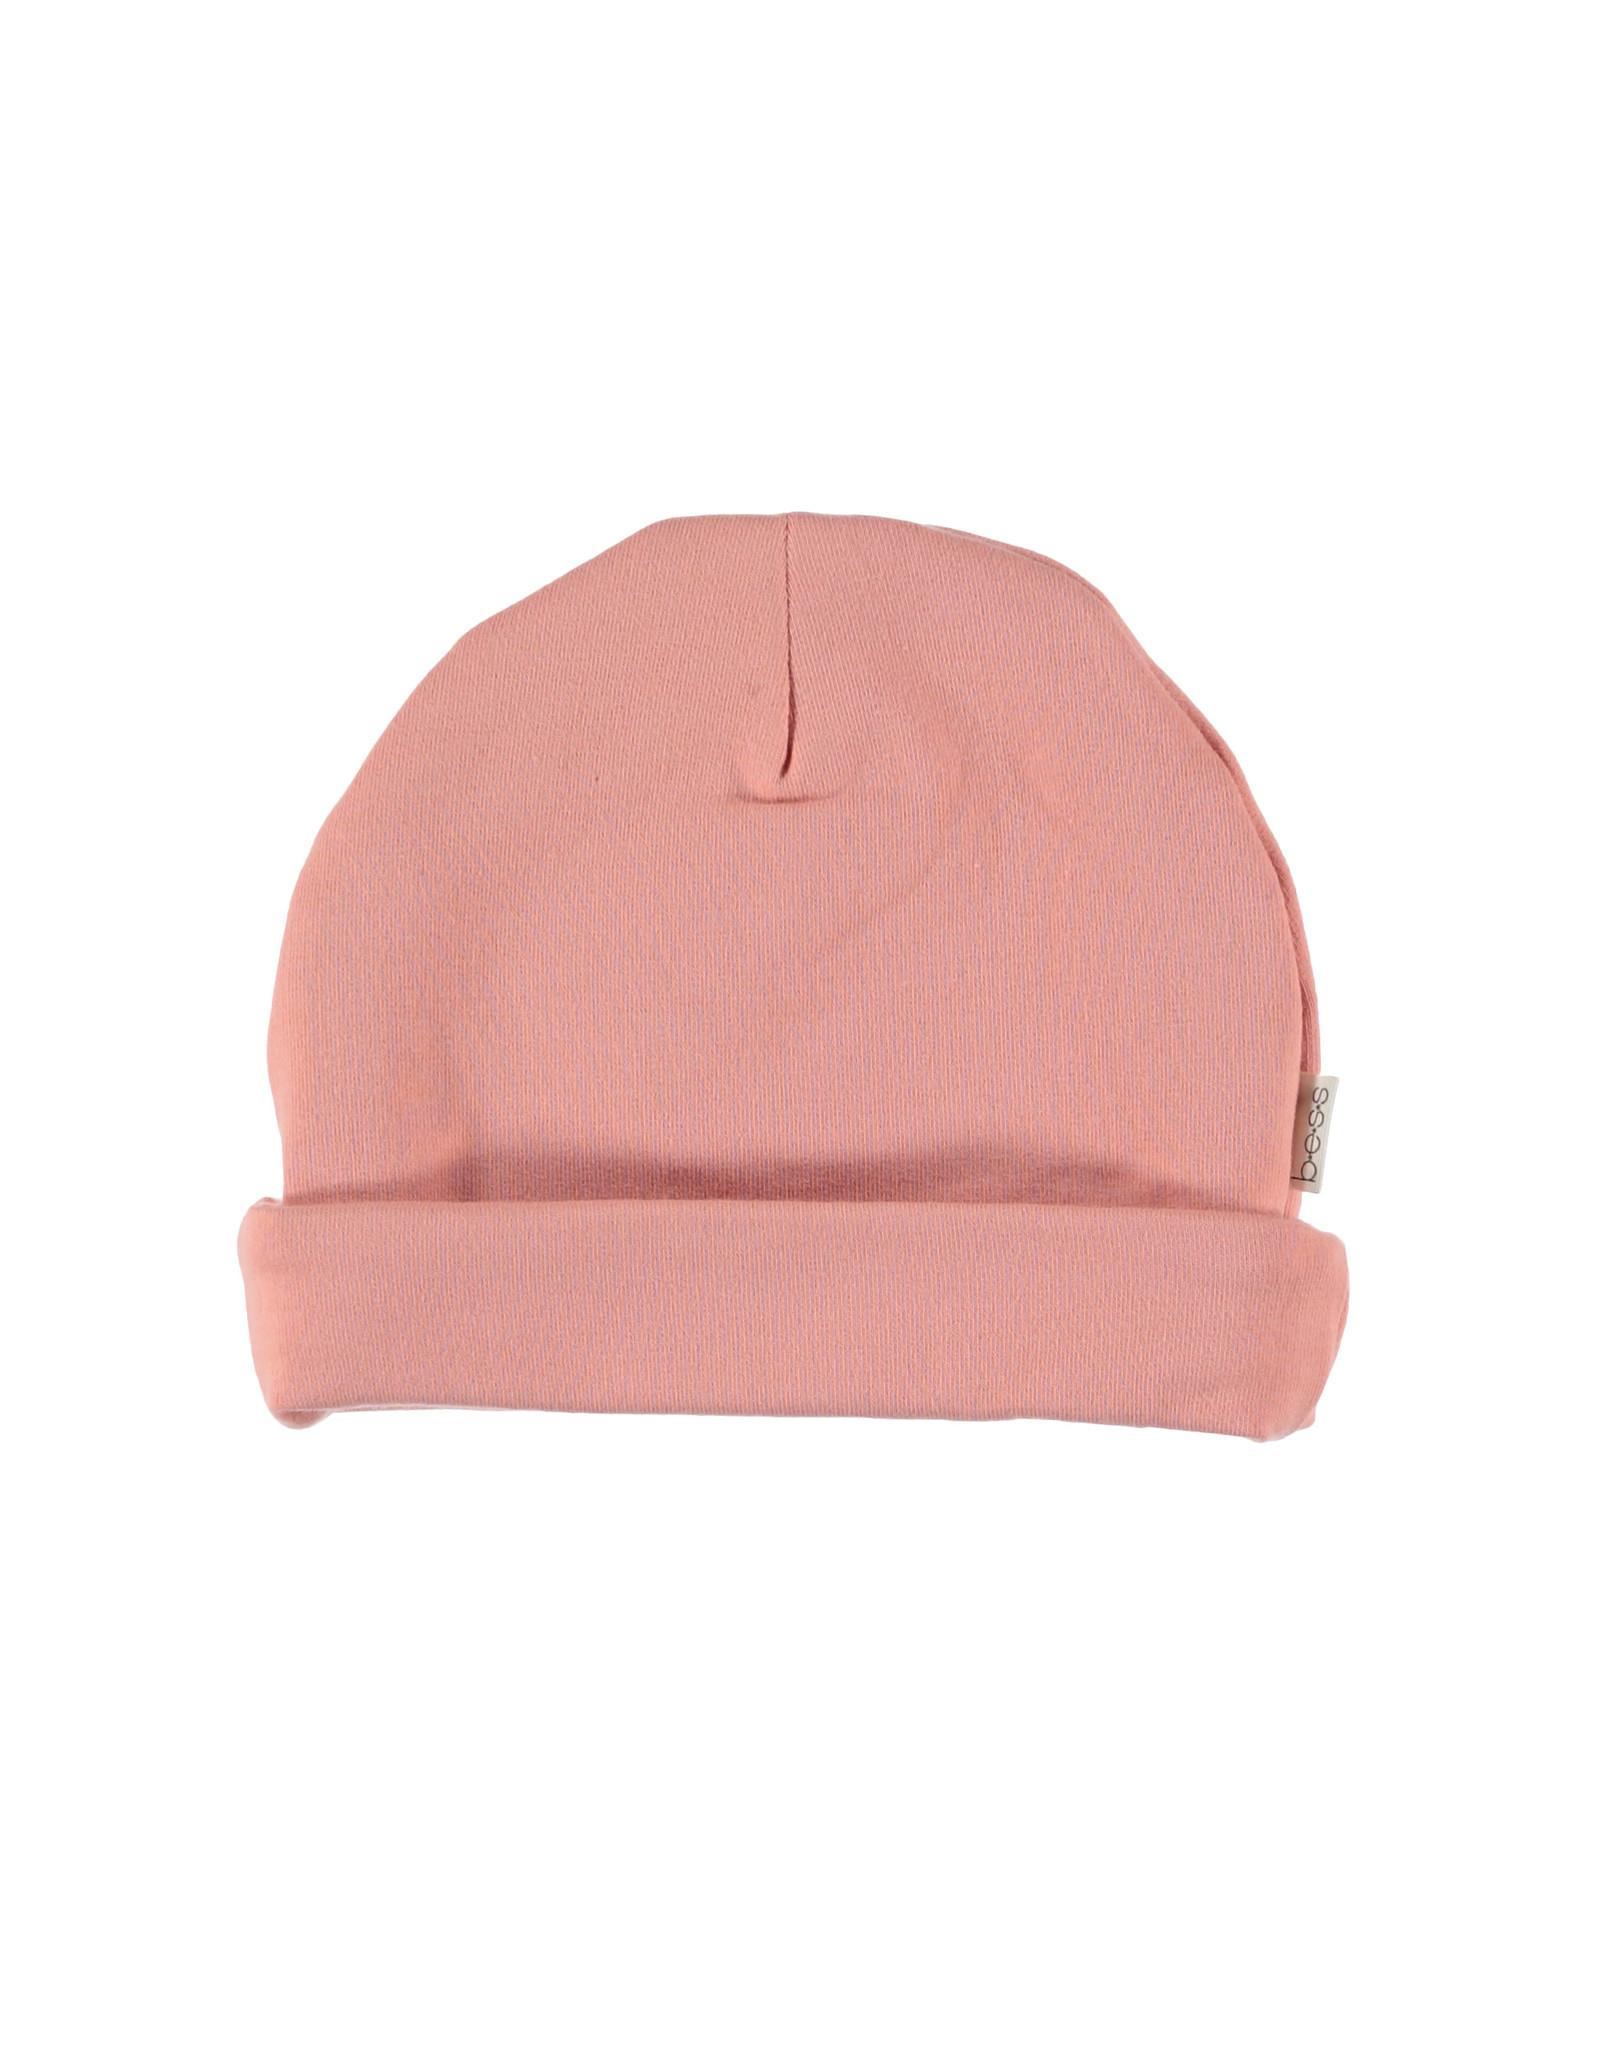 BESS Hat Dusty Rose